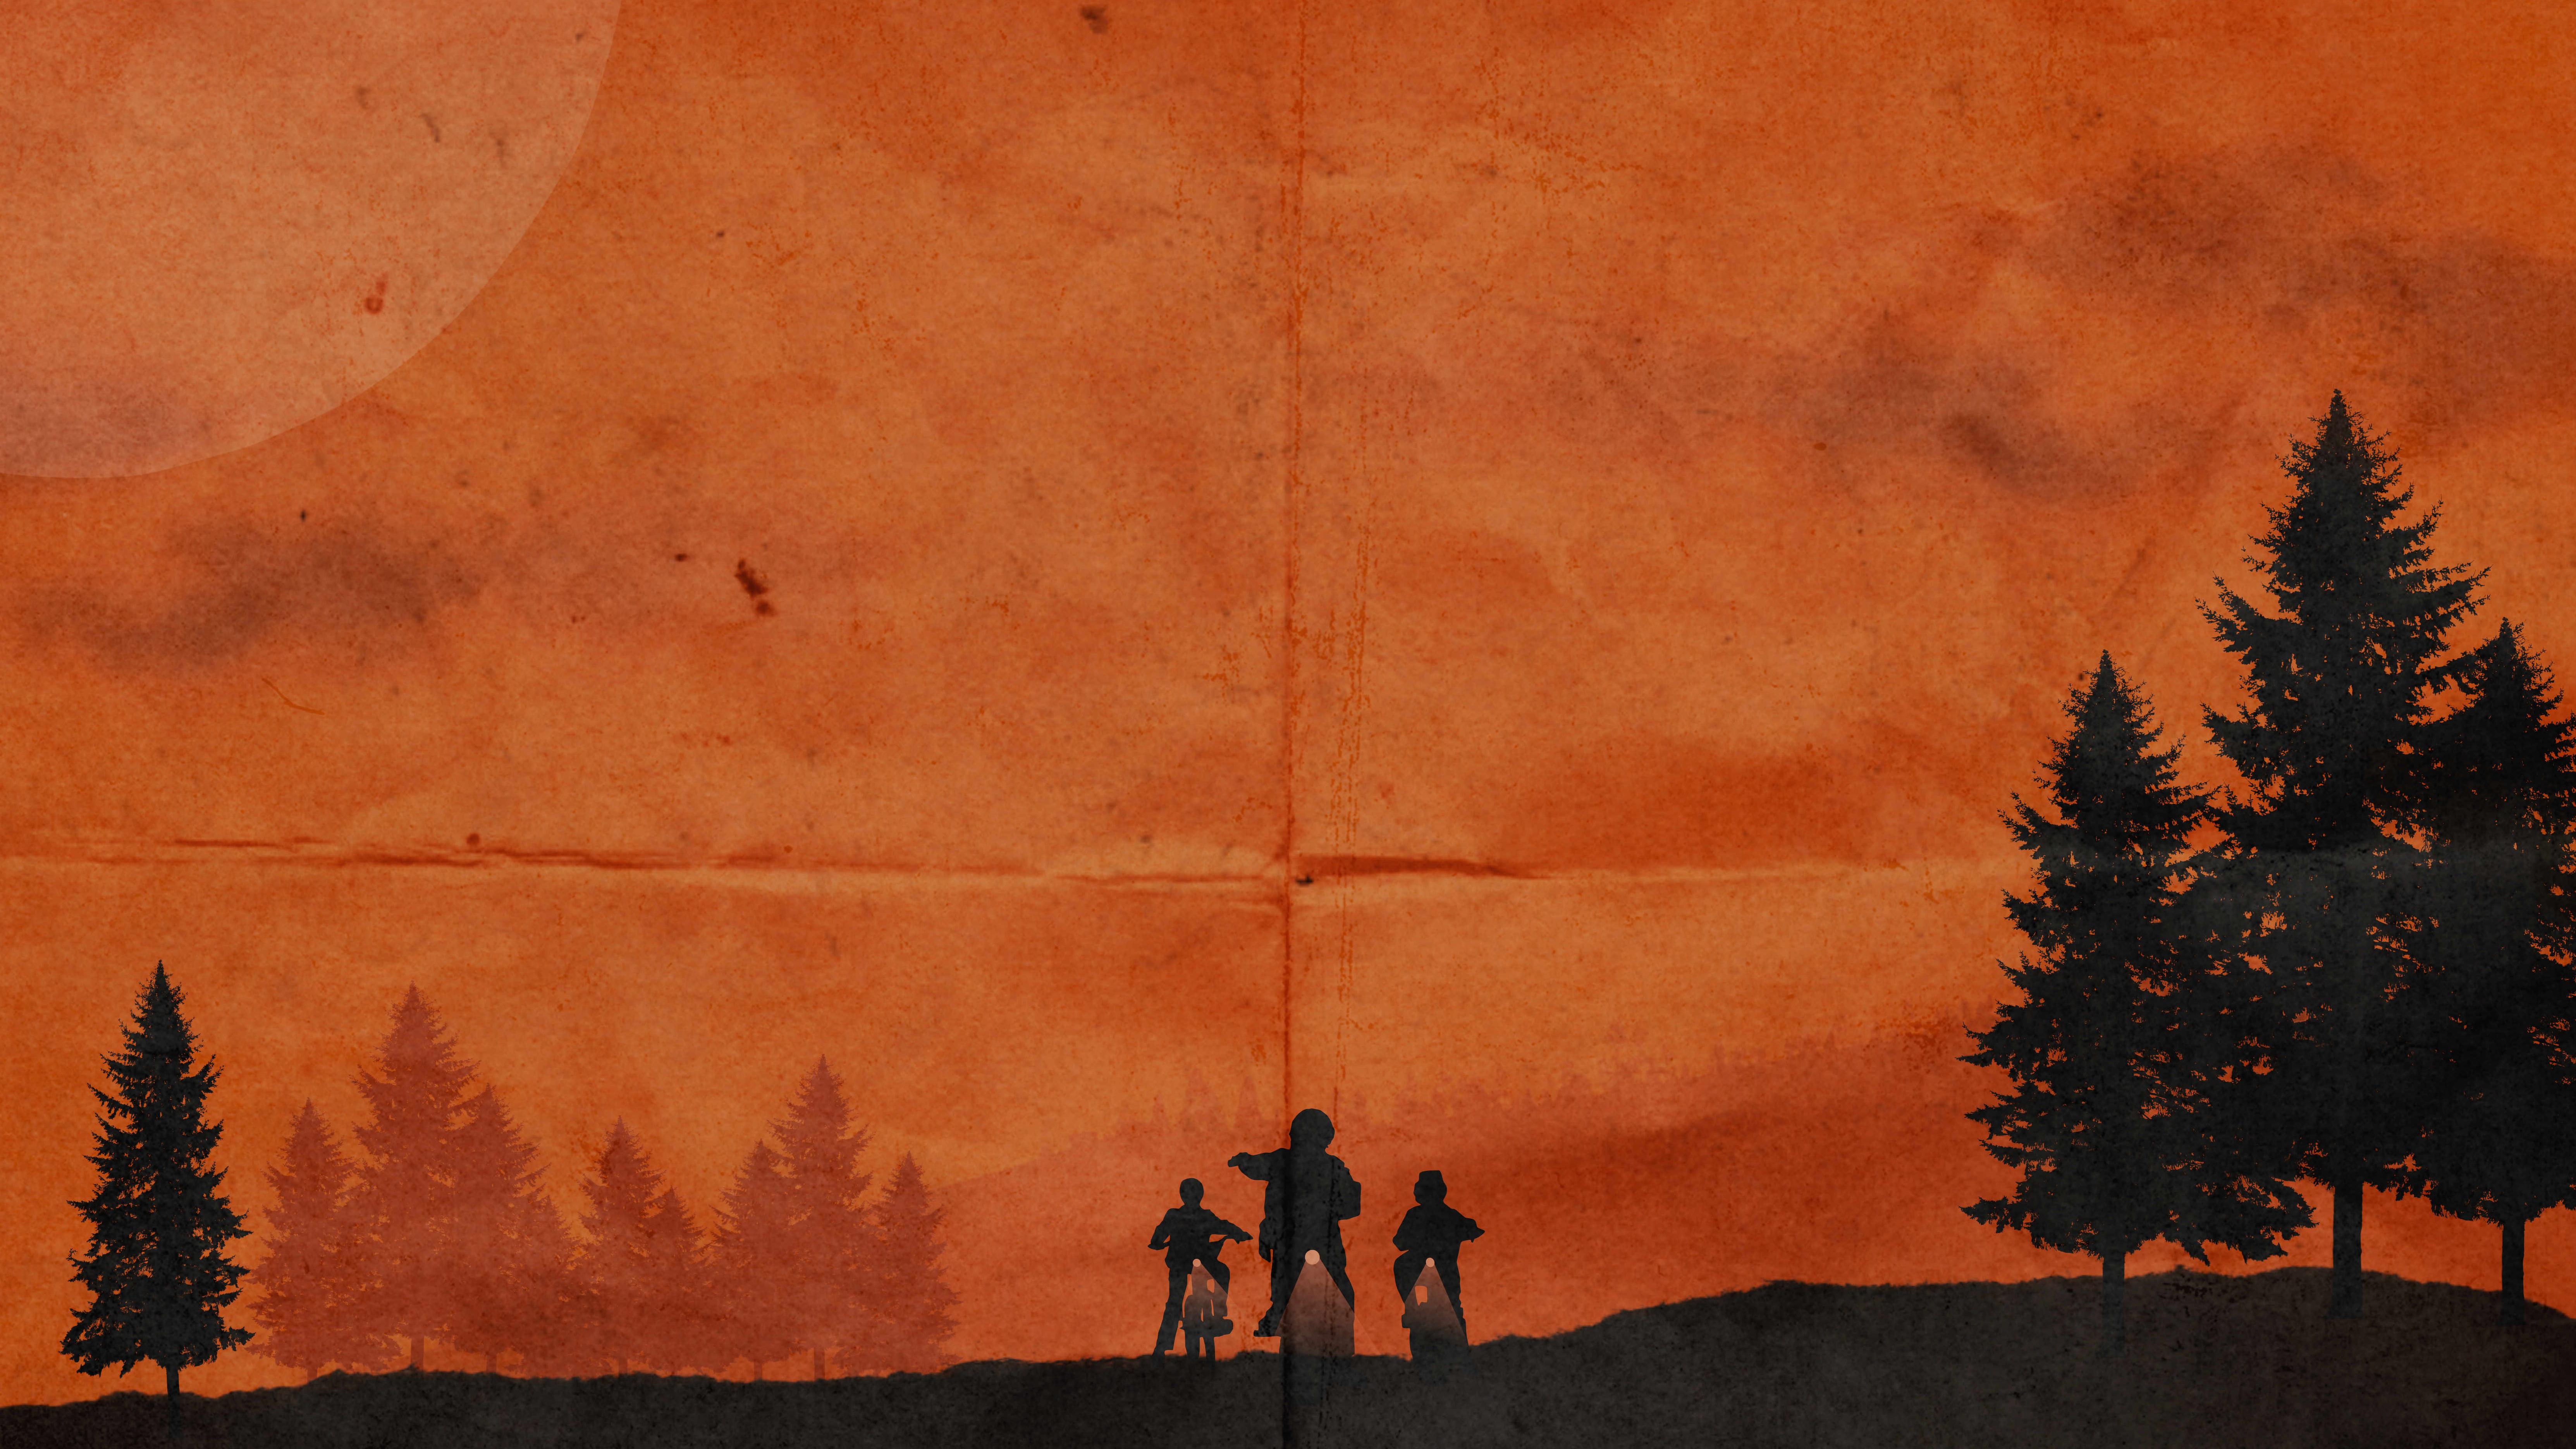 Stranger Things Fanmade Poster 5k Hd Tv Shows 4k